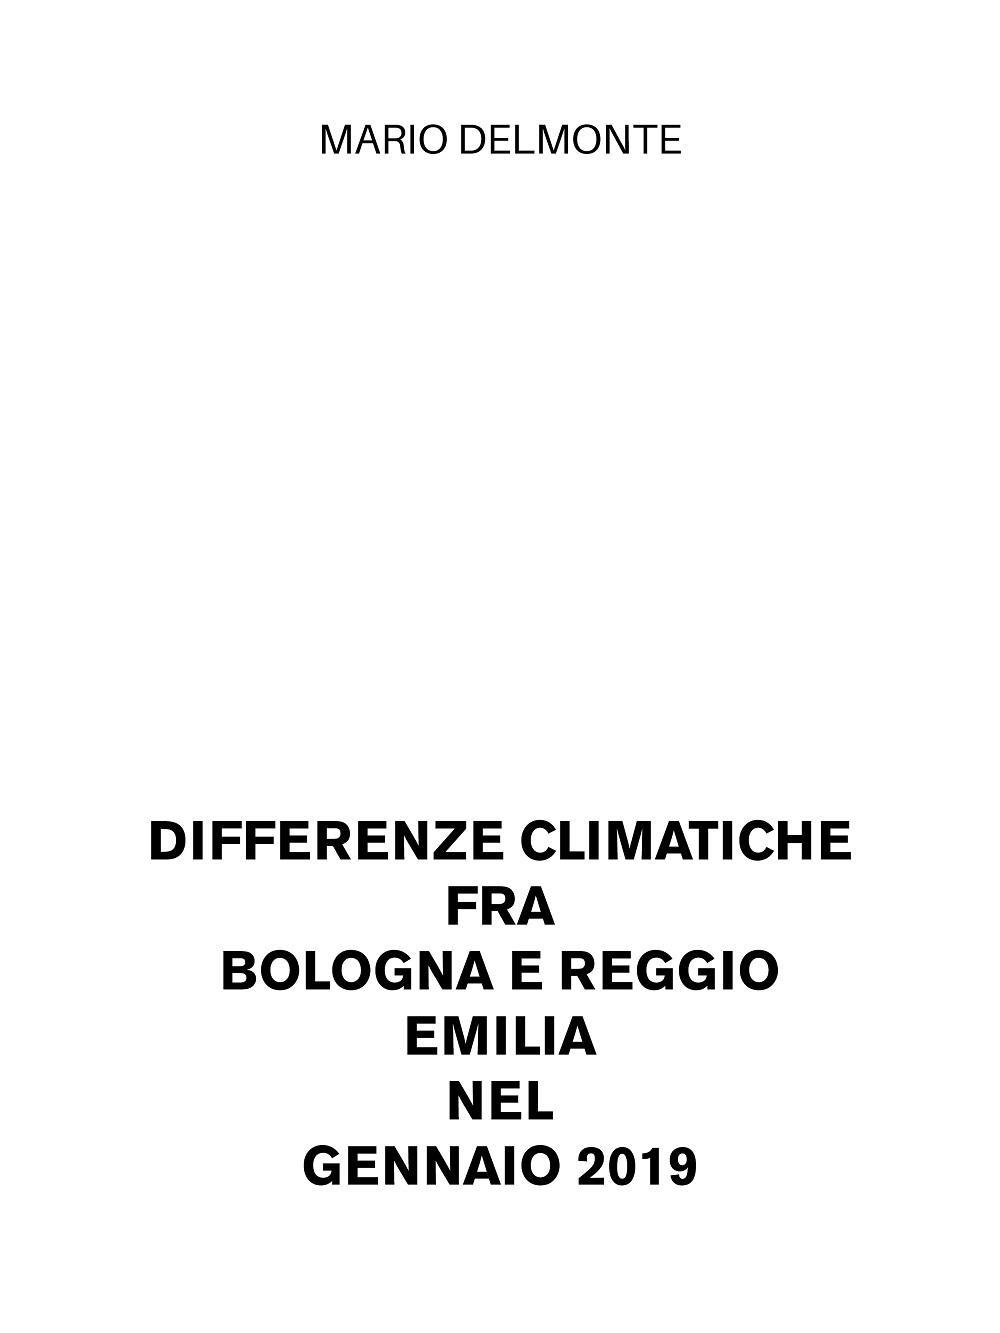 Differenze climatiche fra Bologna e Reggio Emilia nel Gennaio 2019